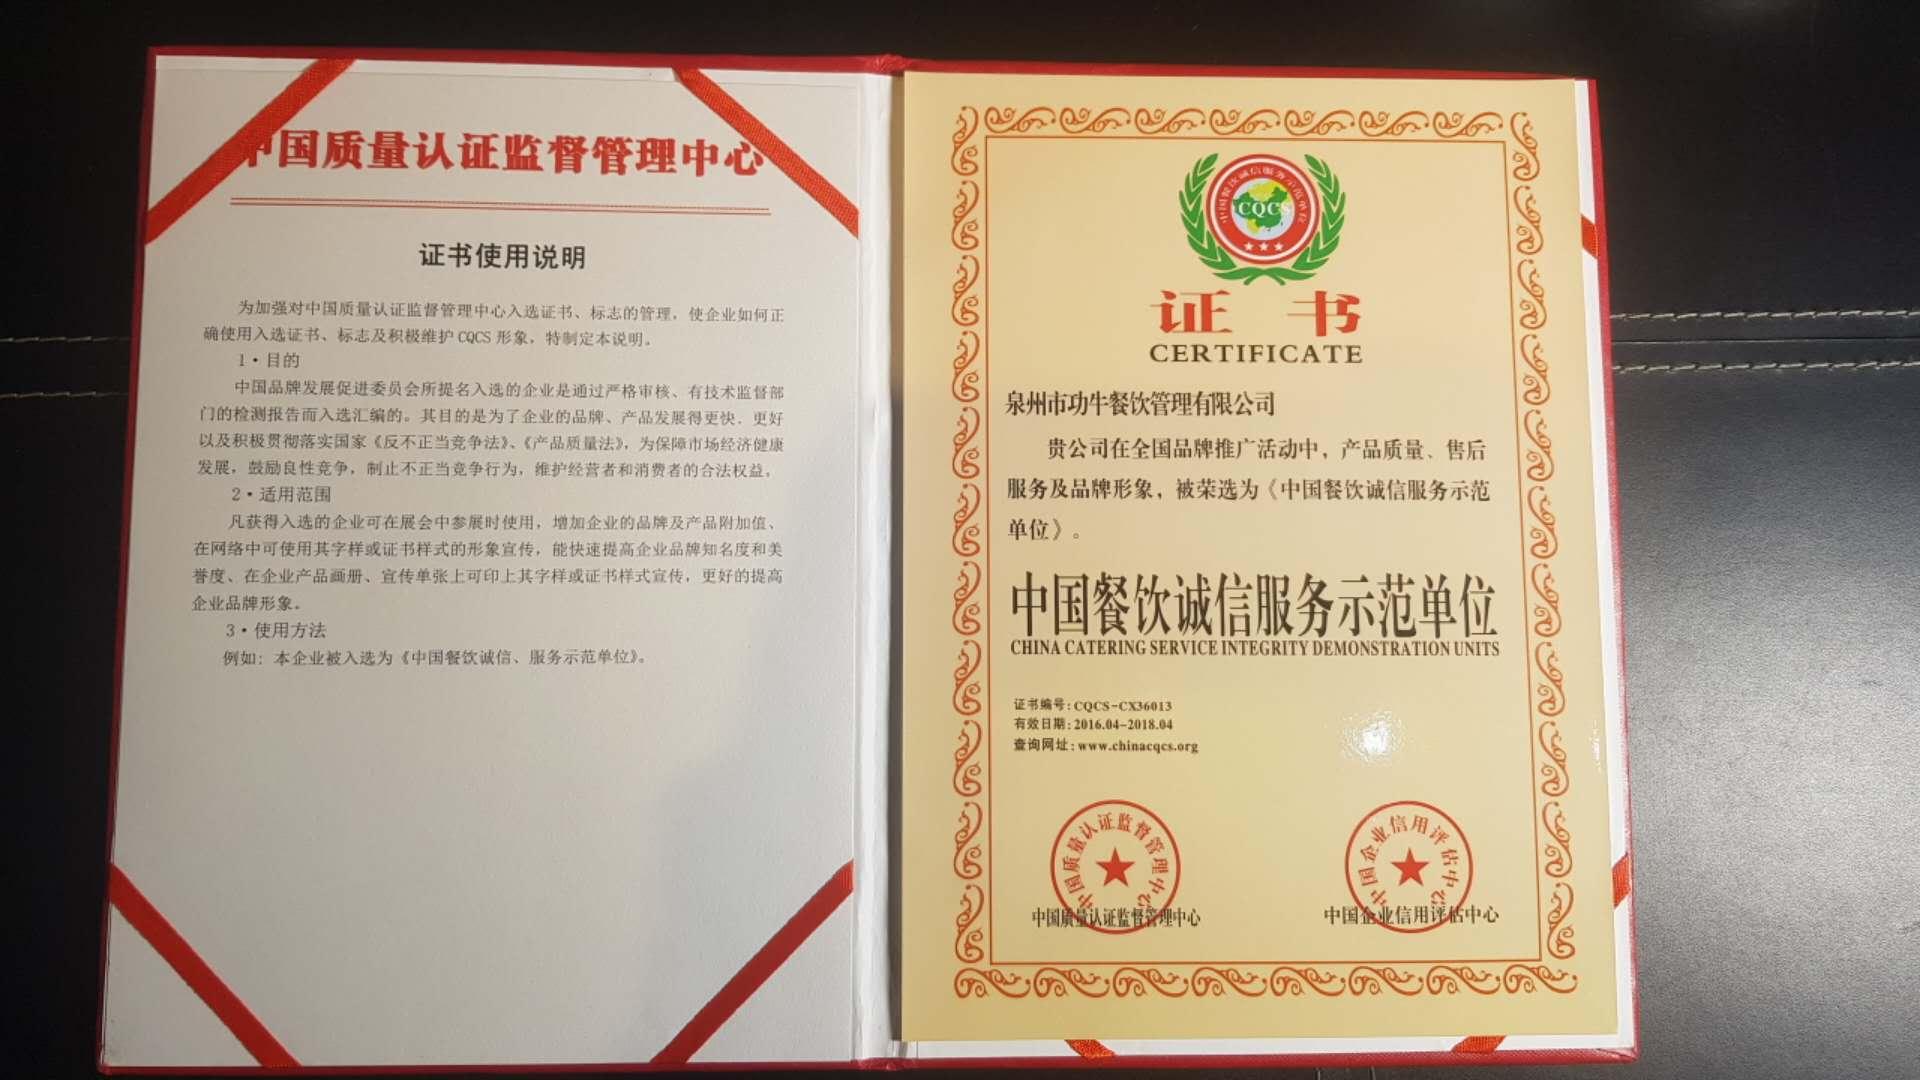 功牛荣获中国诚信餐饮服务示范单位